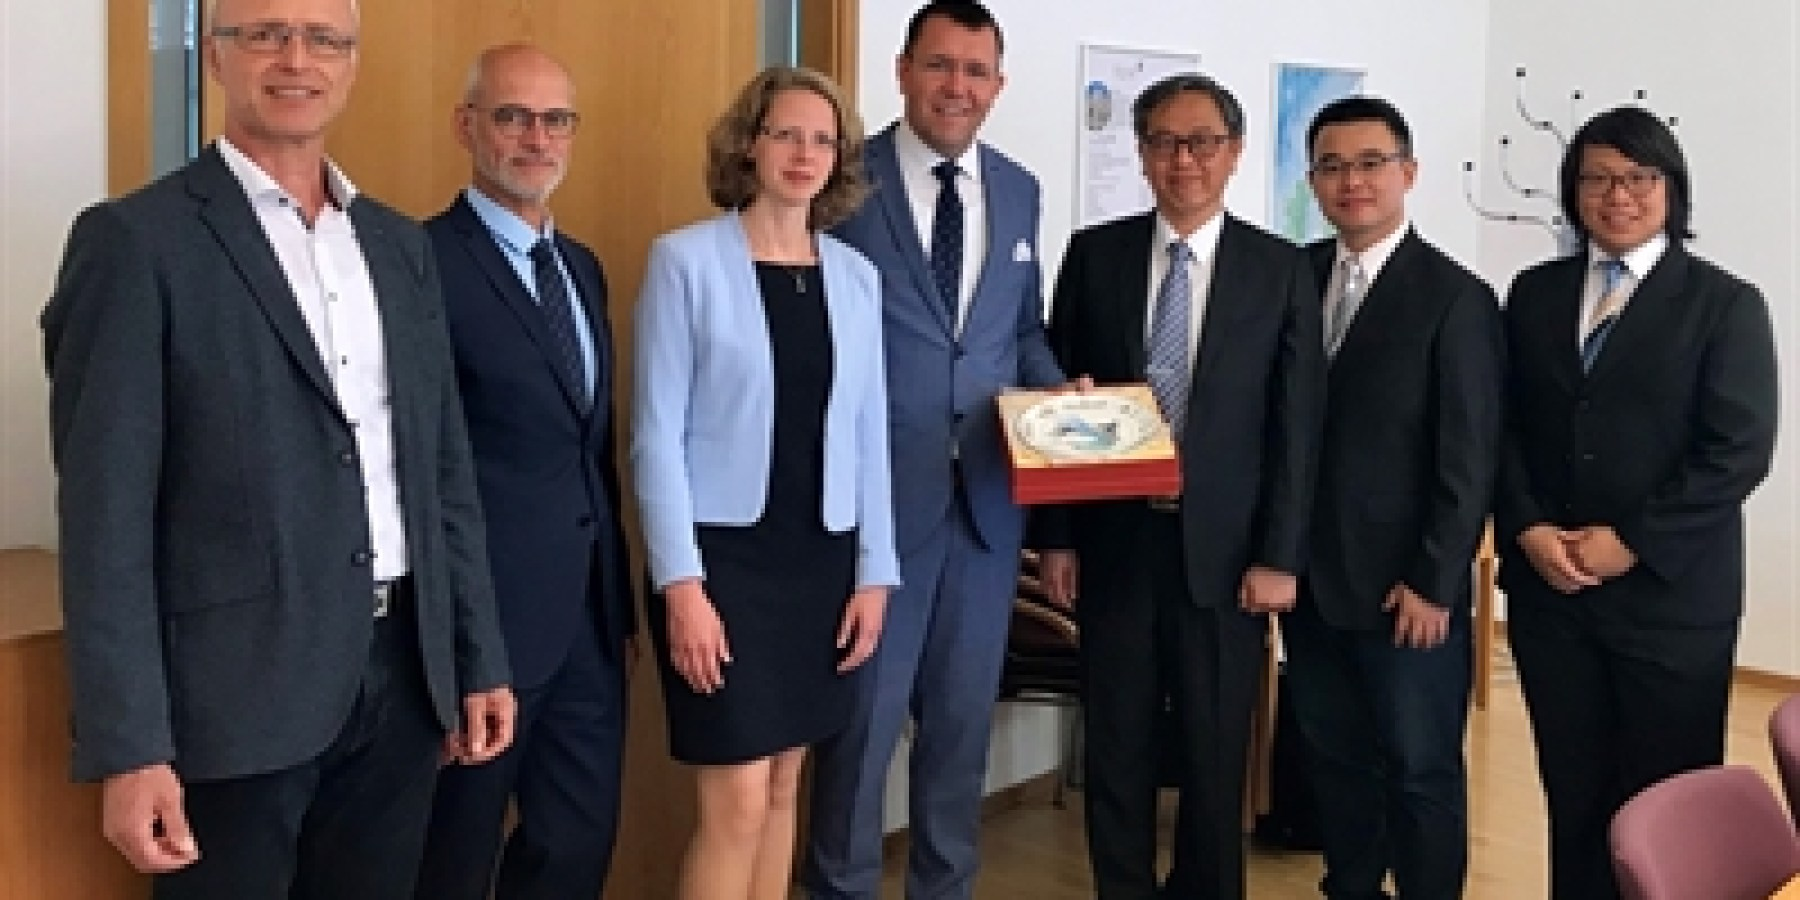 Erfahrungsaustausch zwischen Münster und Taiwan